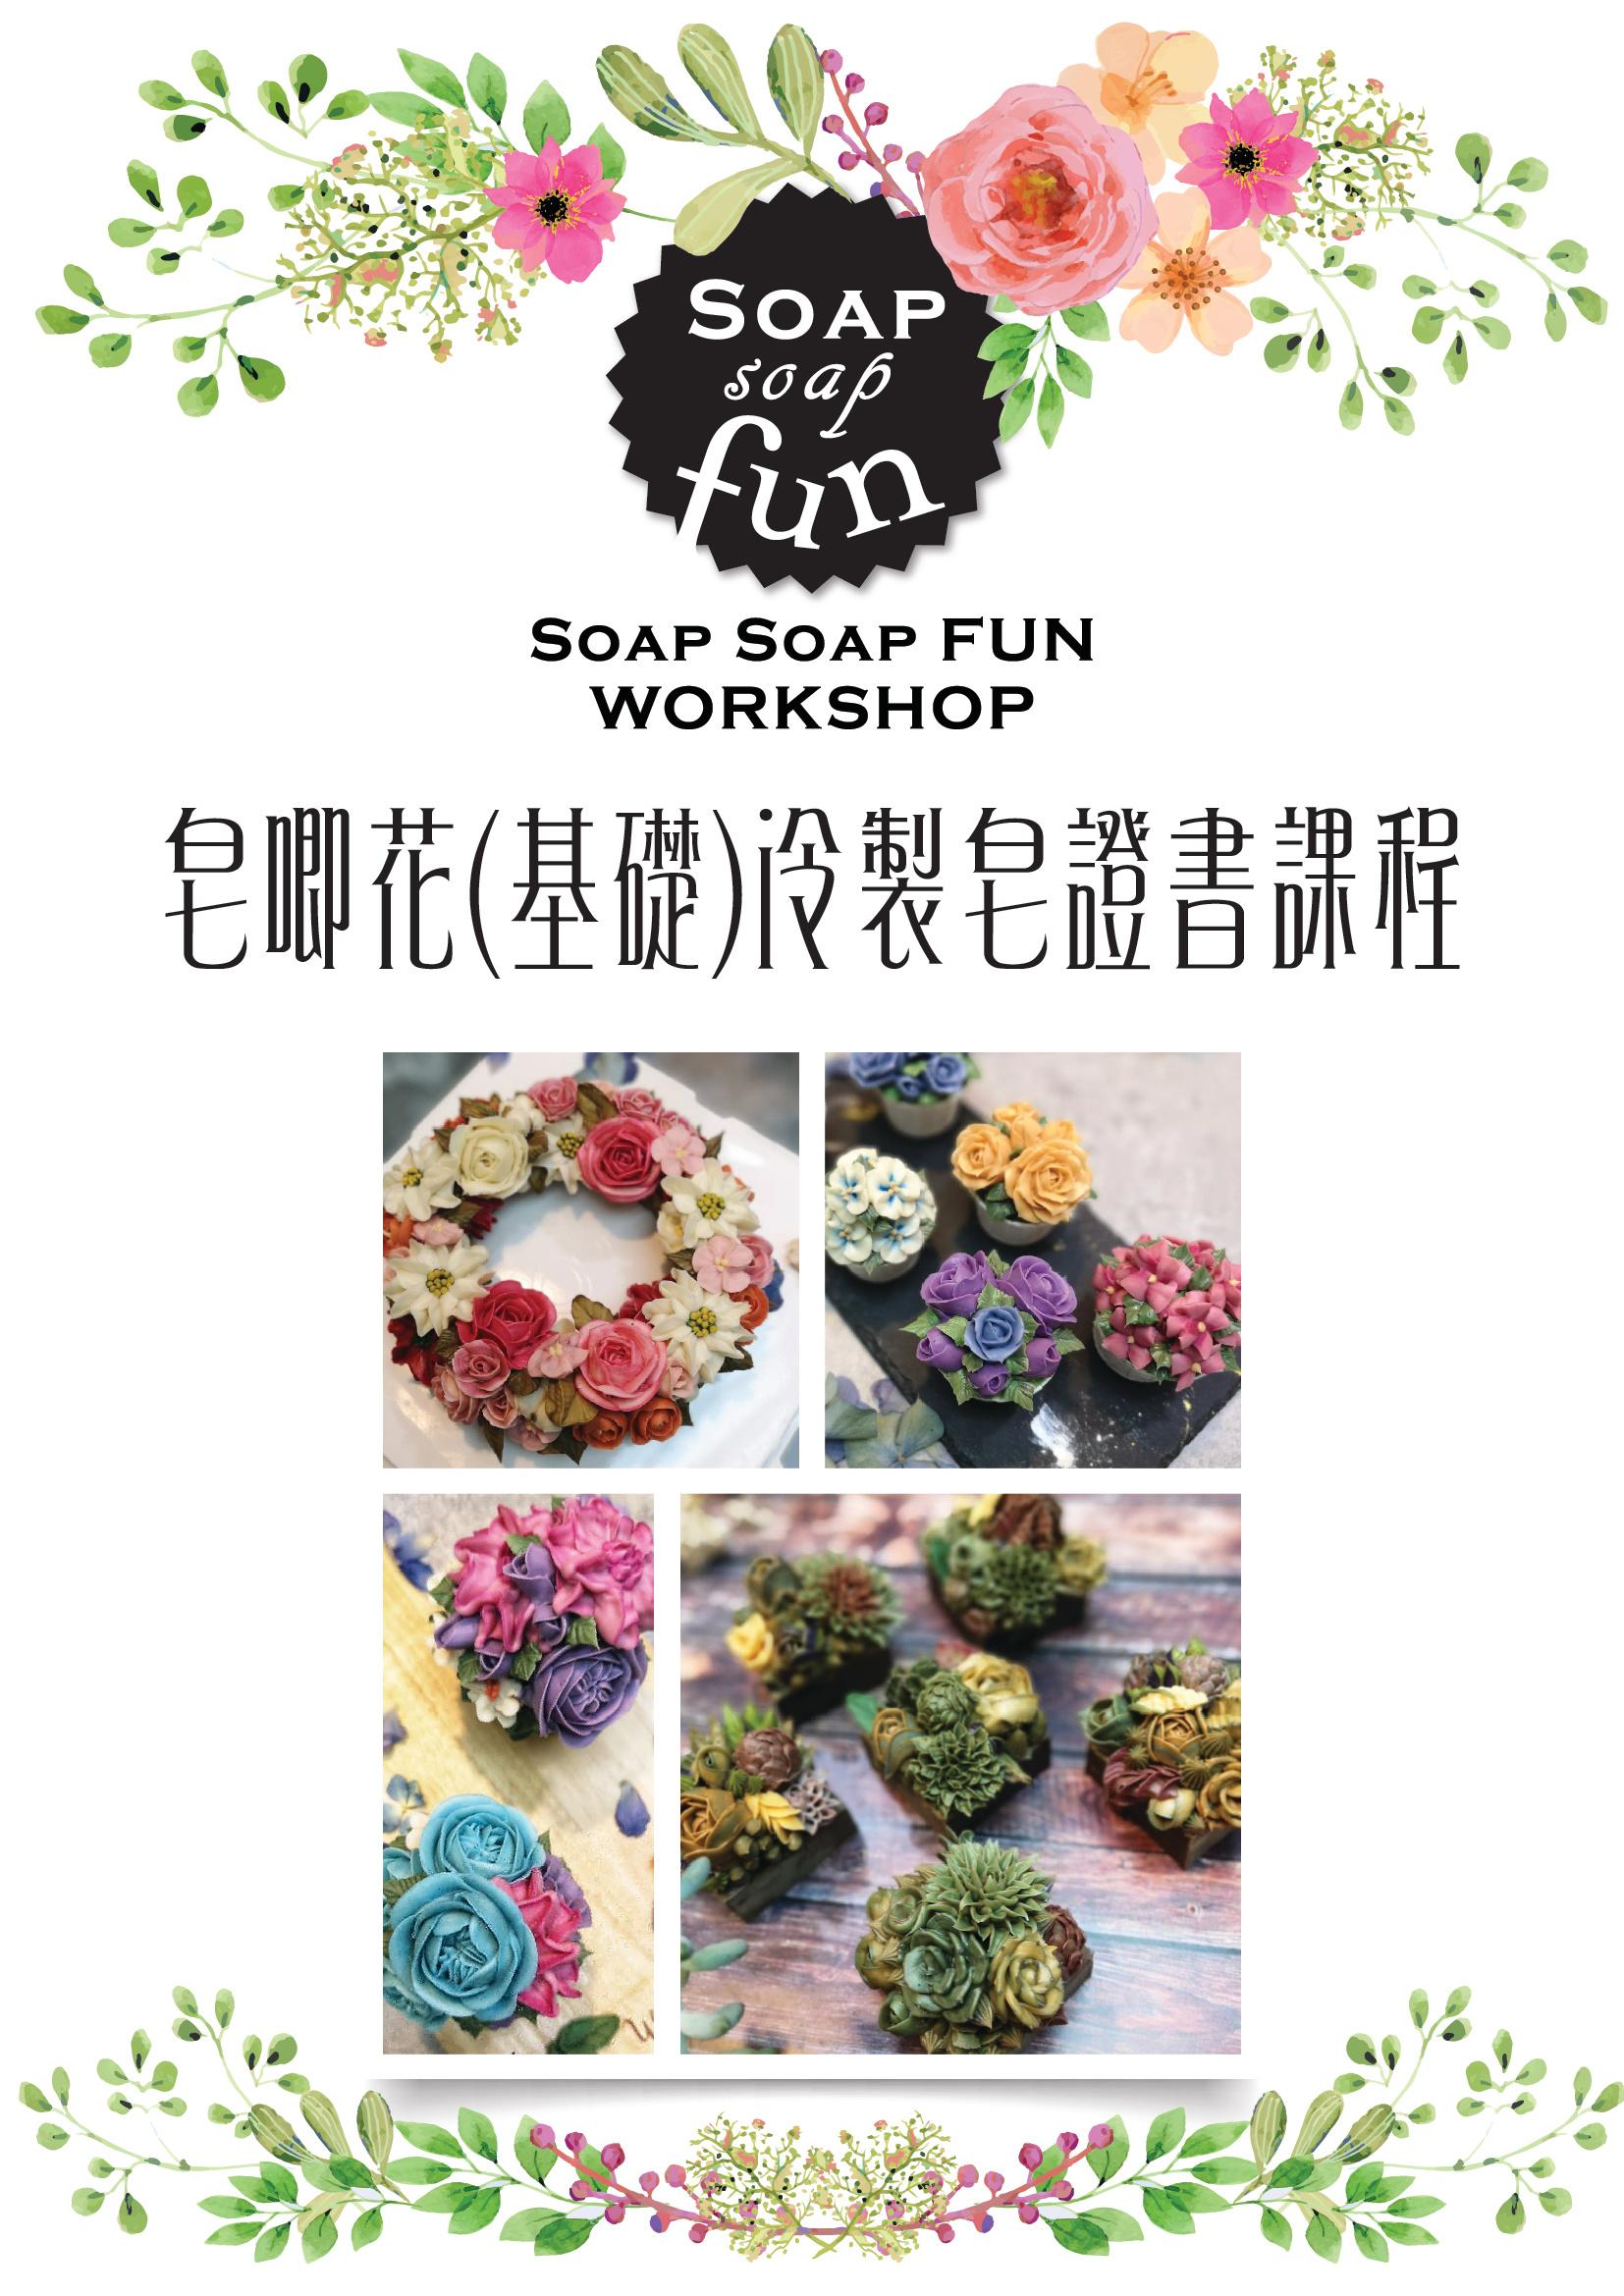 皂唧花 基礎冷製皂(證書)課程